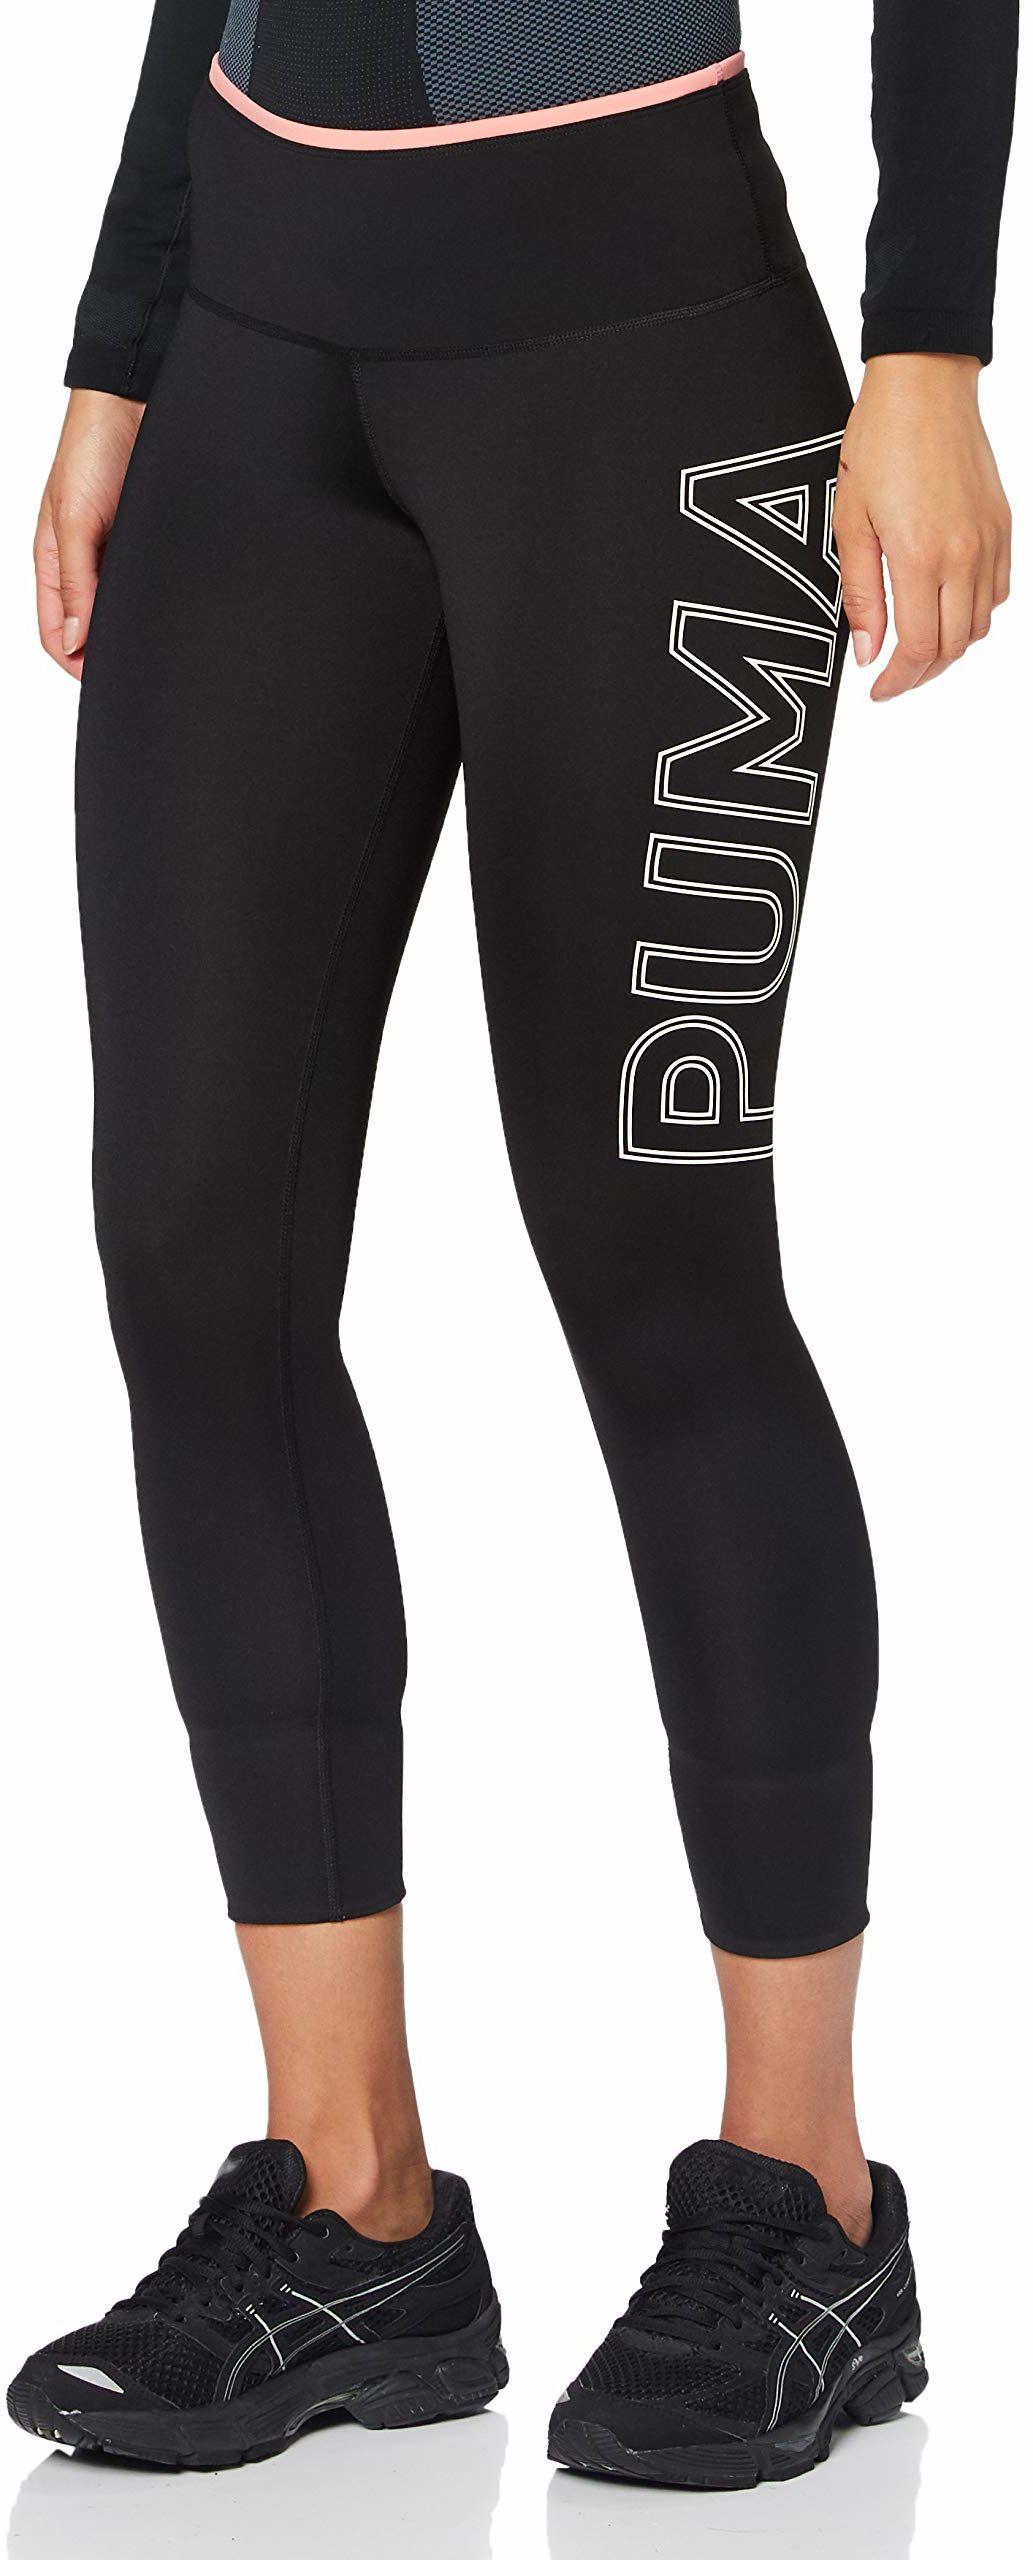 PUMA Damskie nowoczesne sportowe składane legginsy 7/8 Puma Black Salmon Rose XS